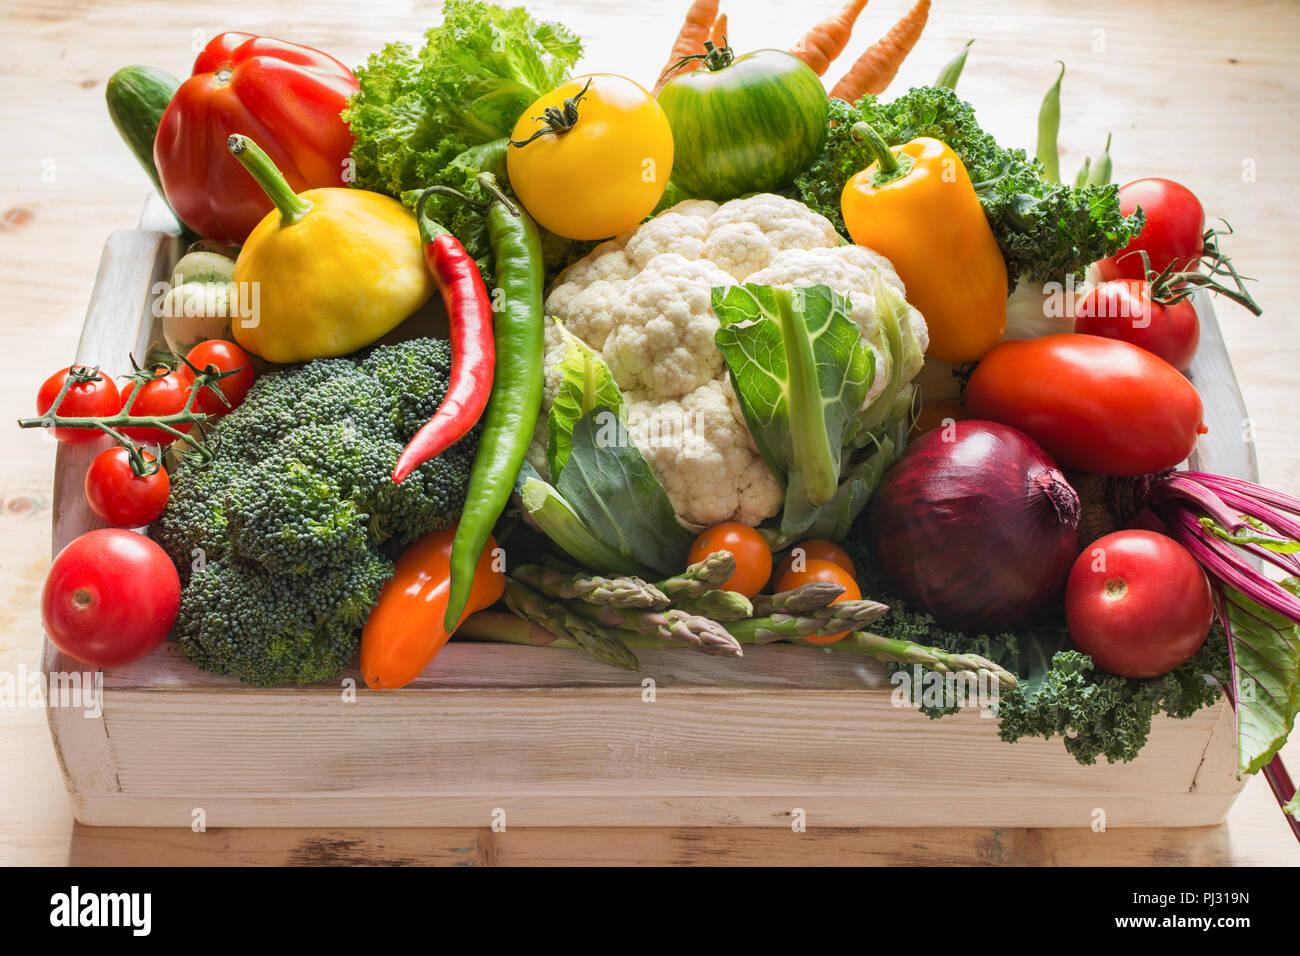 Frische organische bunte Gemüse in einem weißen Fach auf Holz Kiefer Tisch, Nahaufnahme, selektiver Fokus Stockbild